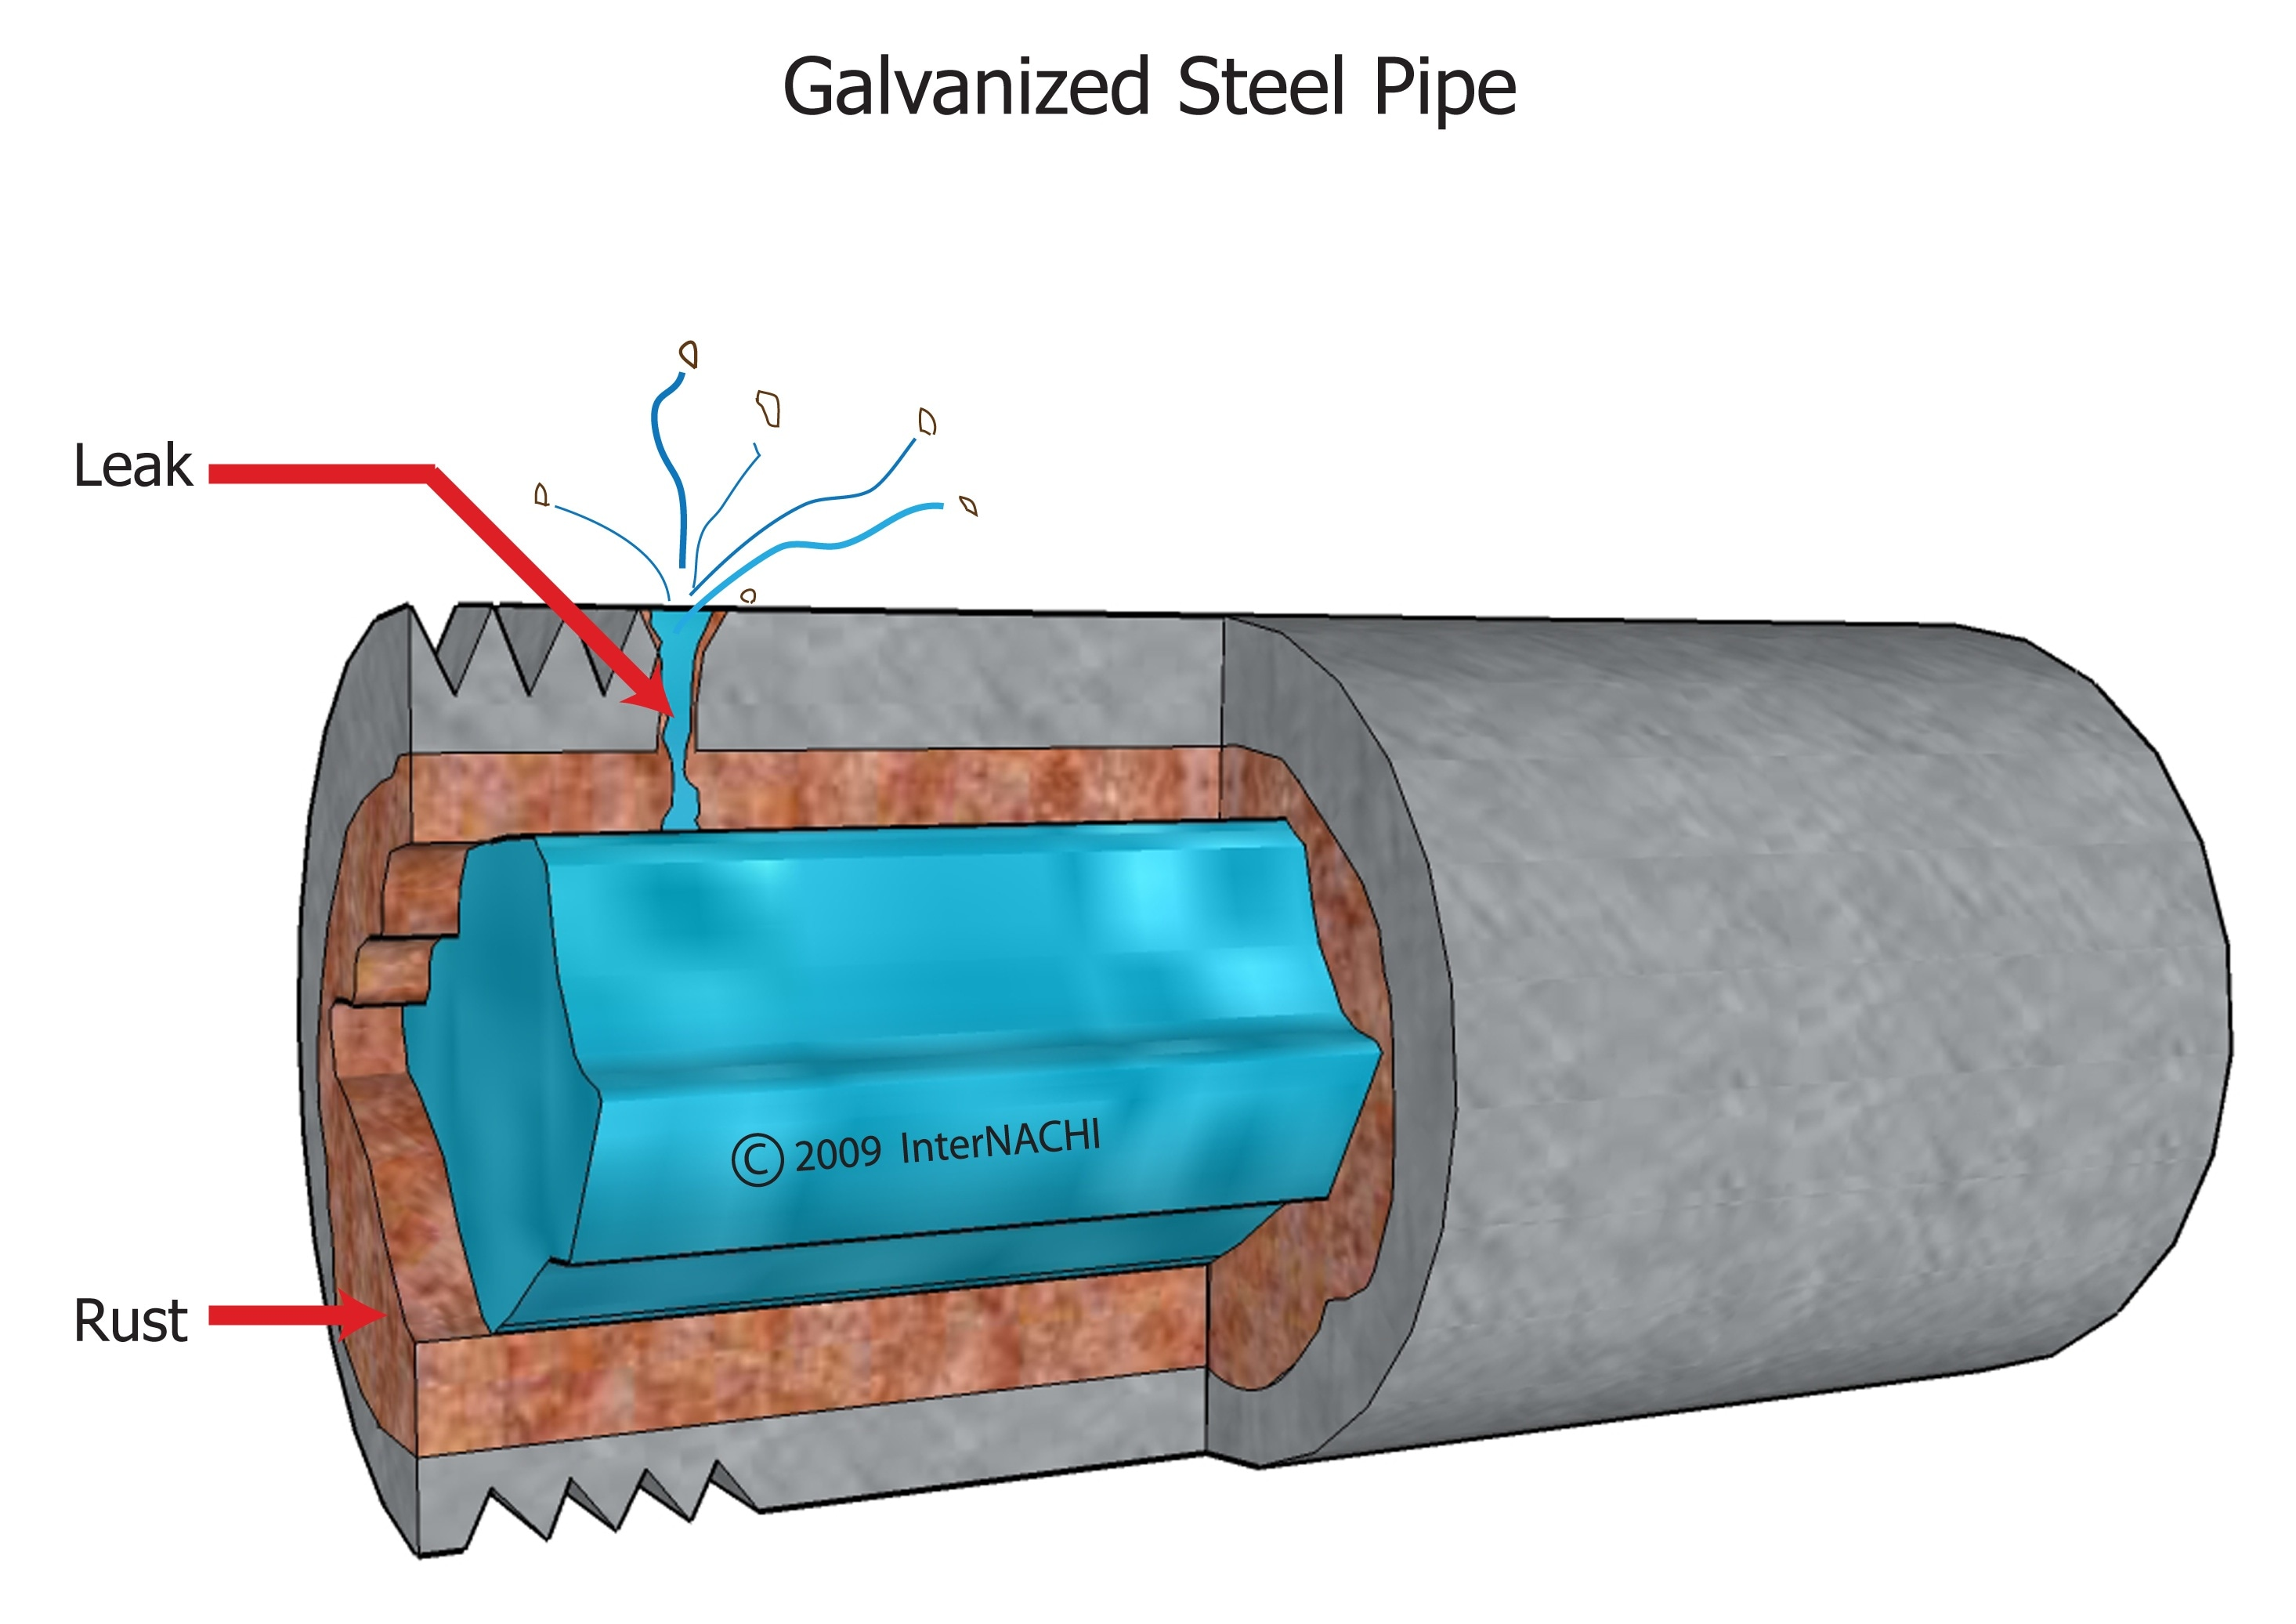 Galvanized steel pipe leak.